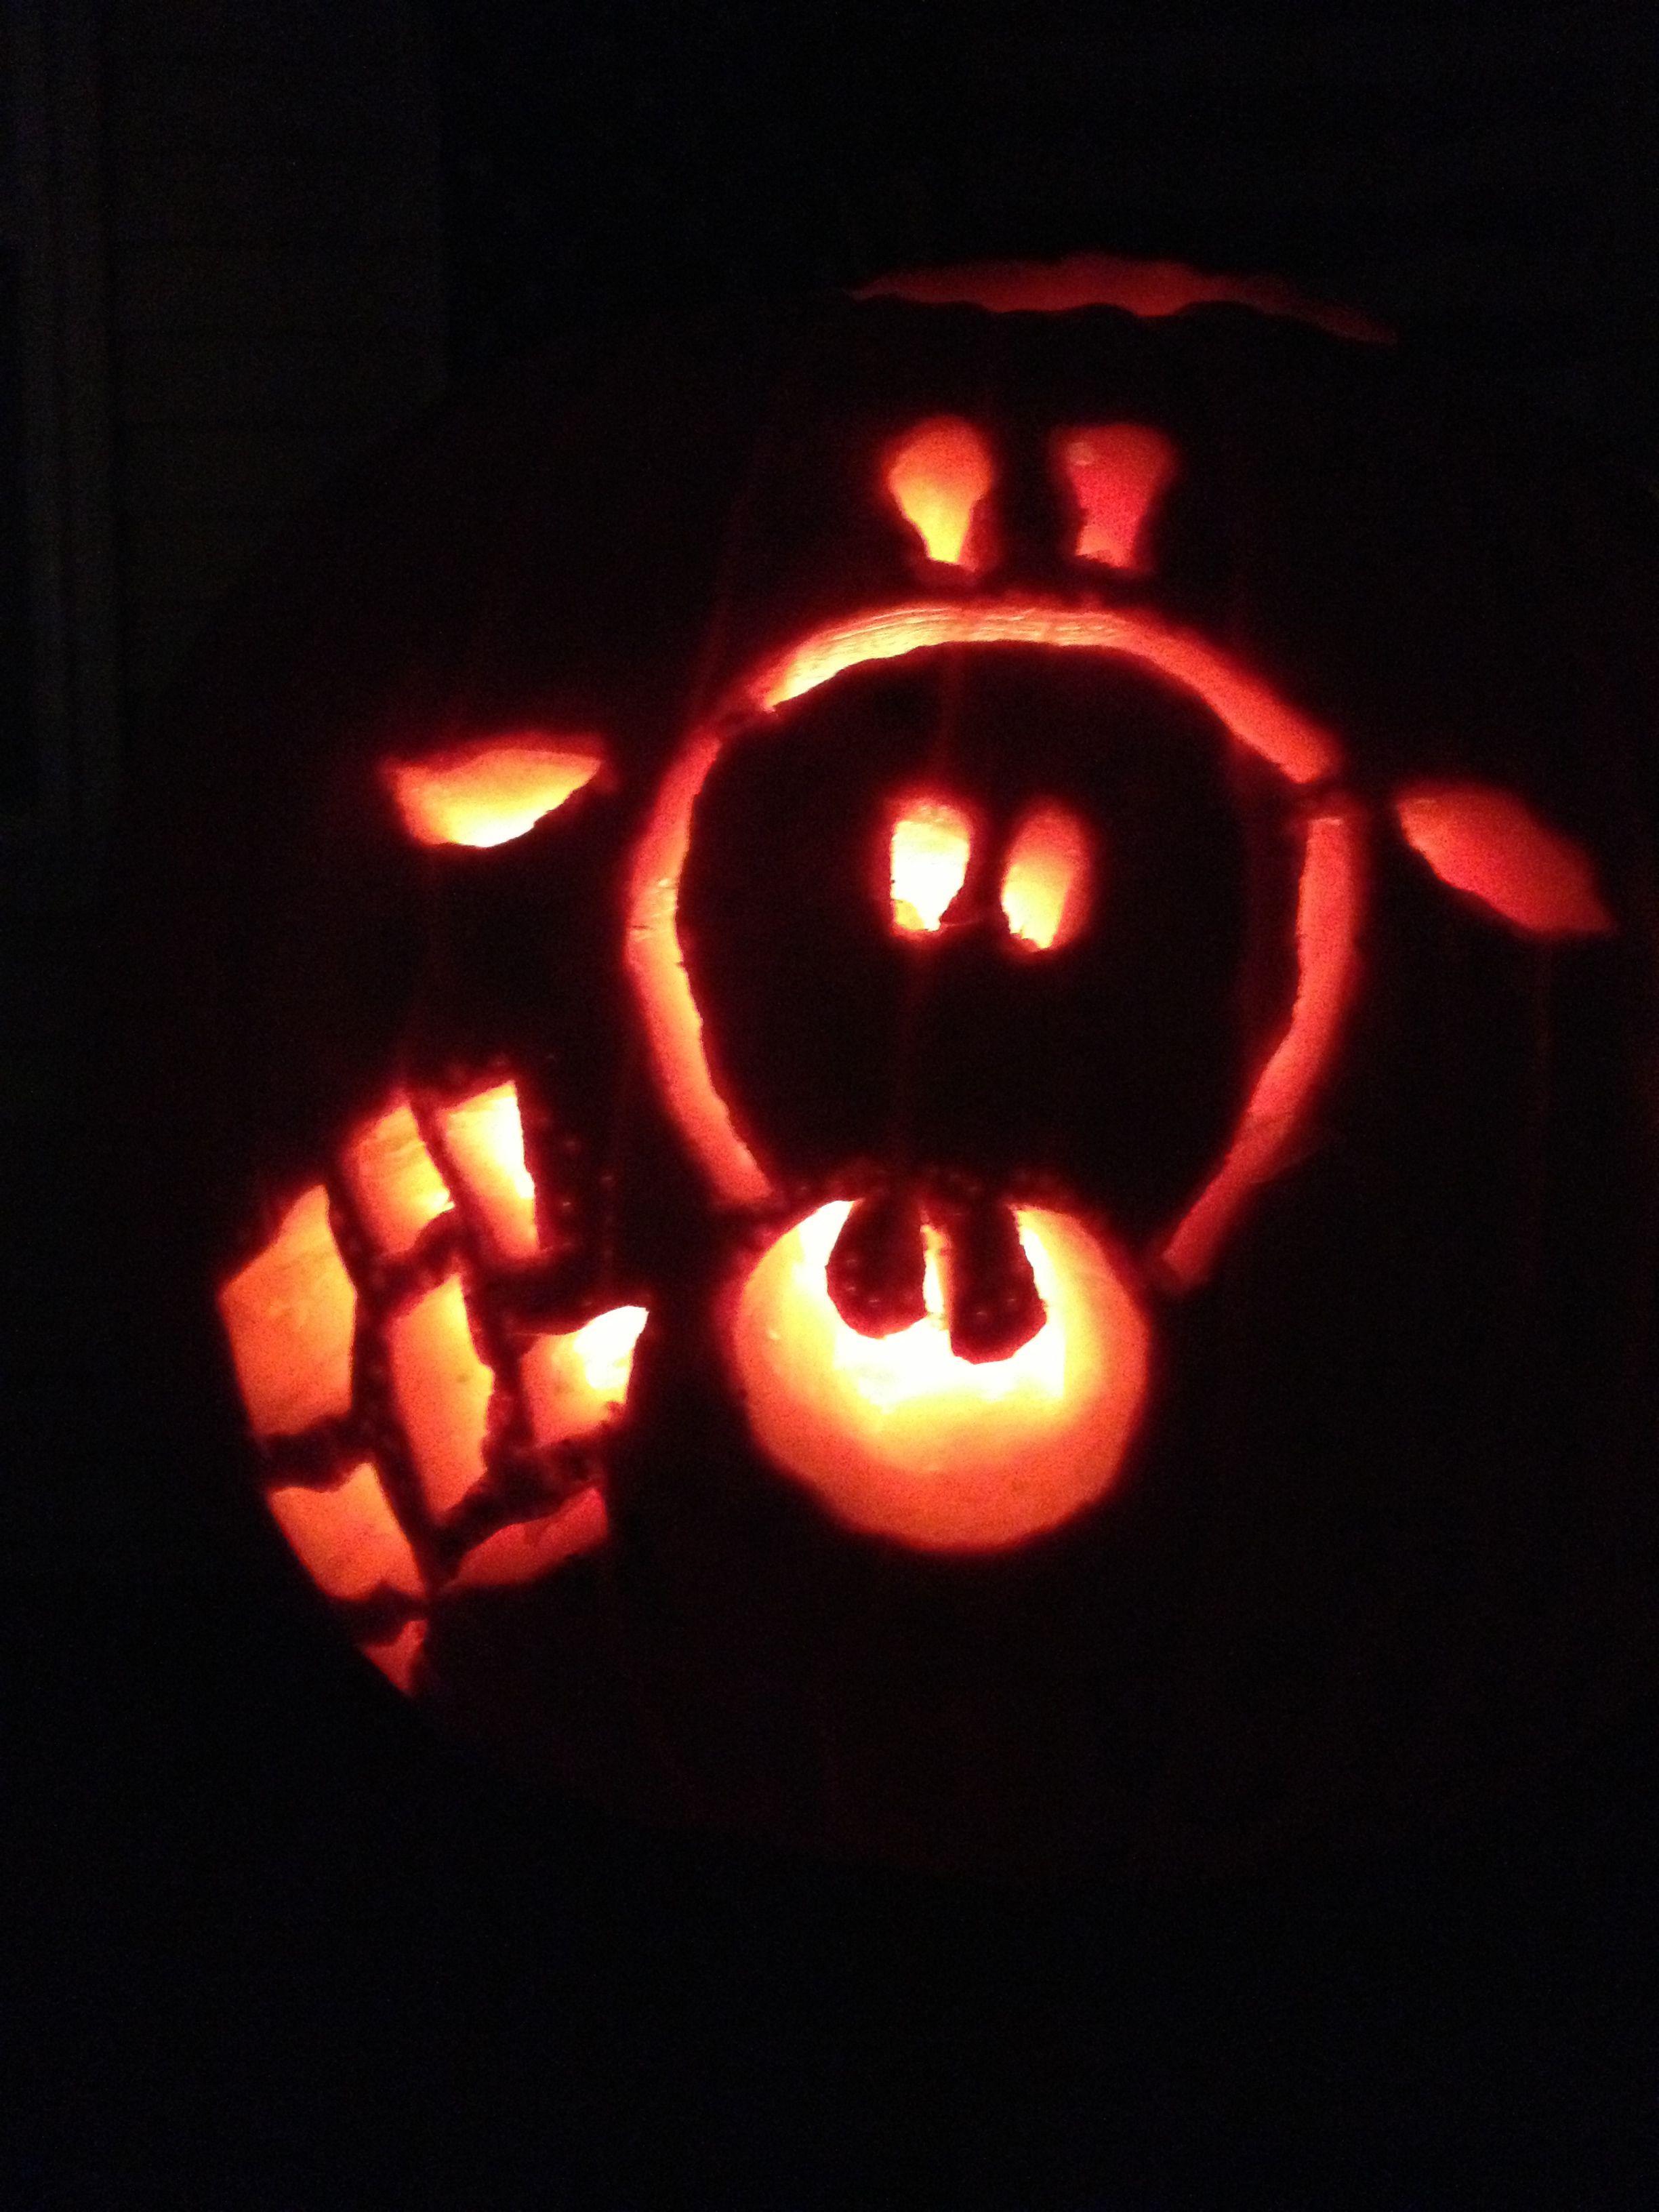 pumpkin template giraffe  Giraffe! Pumpkin! in 7 | Halloween pumpkins, Pumpkin ...